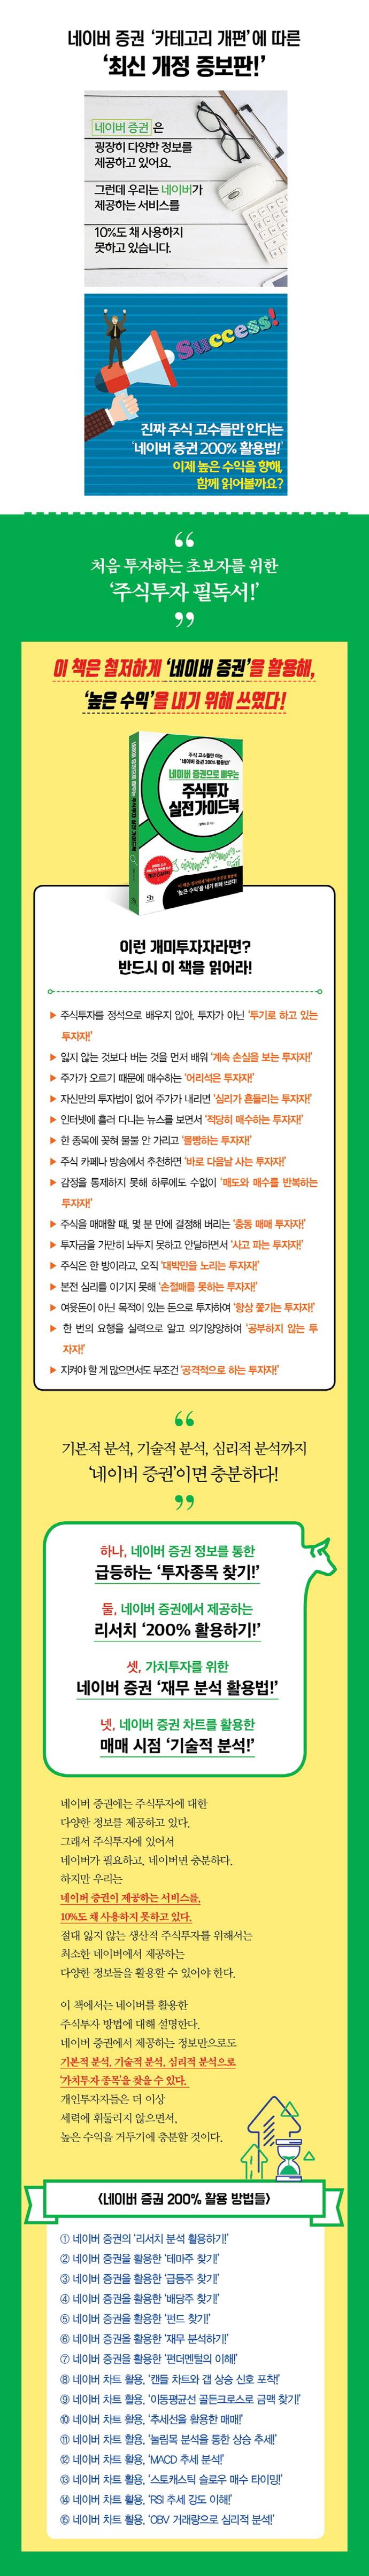 네이버 증권으로 배우는 주식투자 실전 가이드북 도서 상세이미지